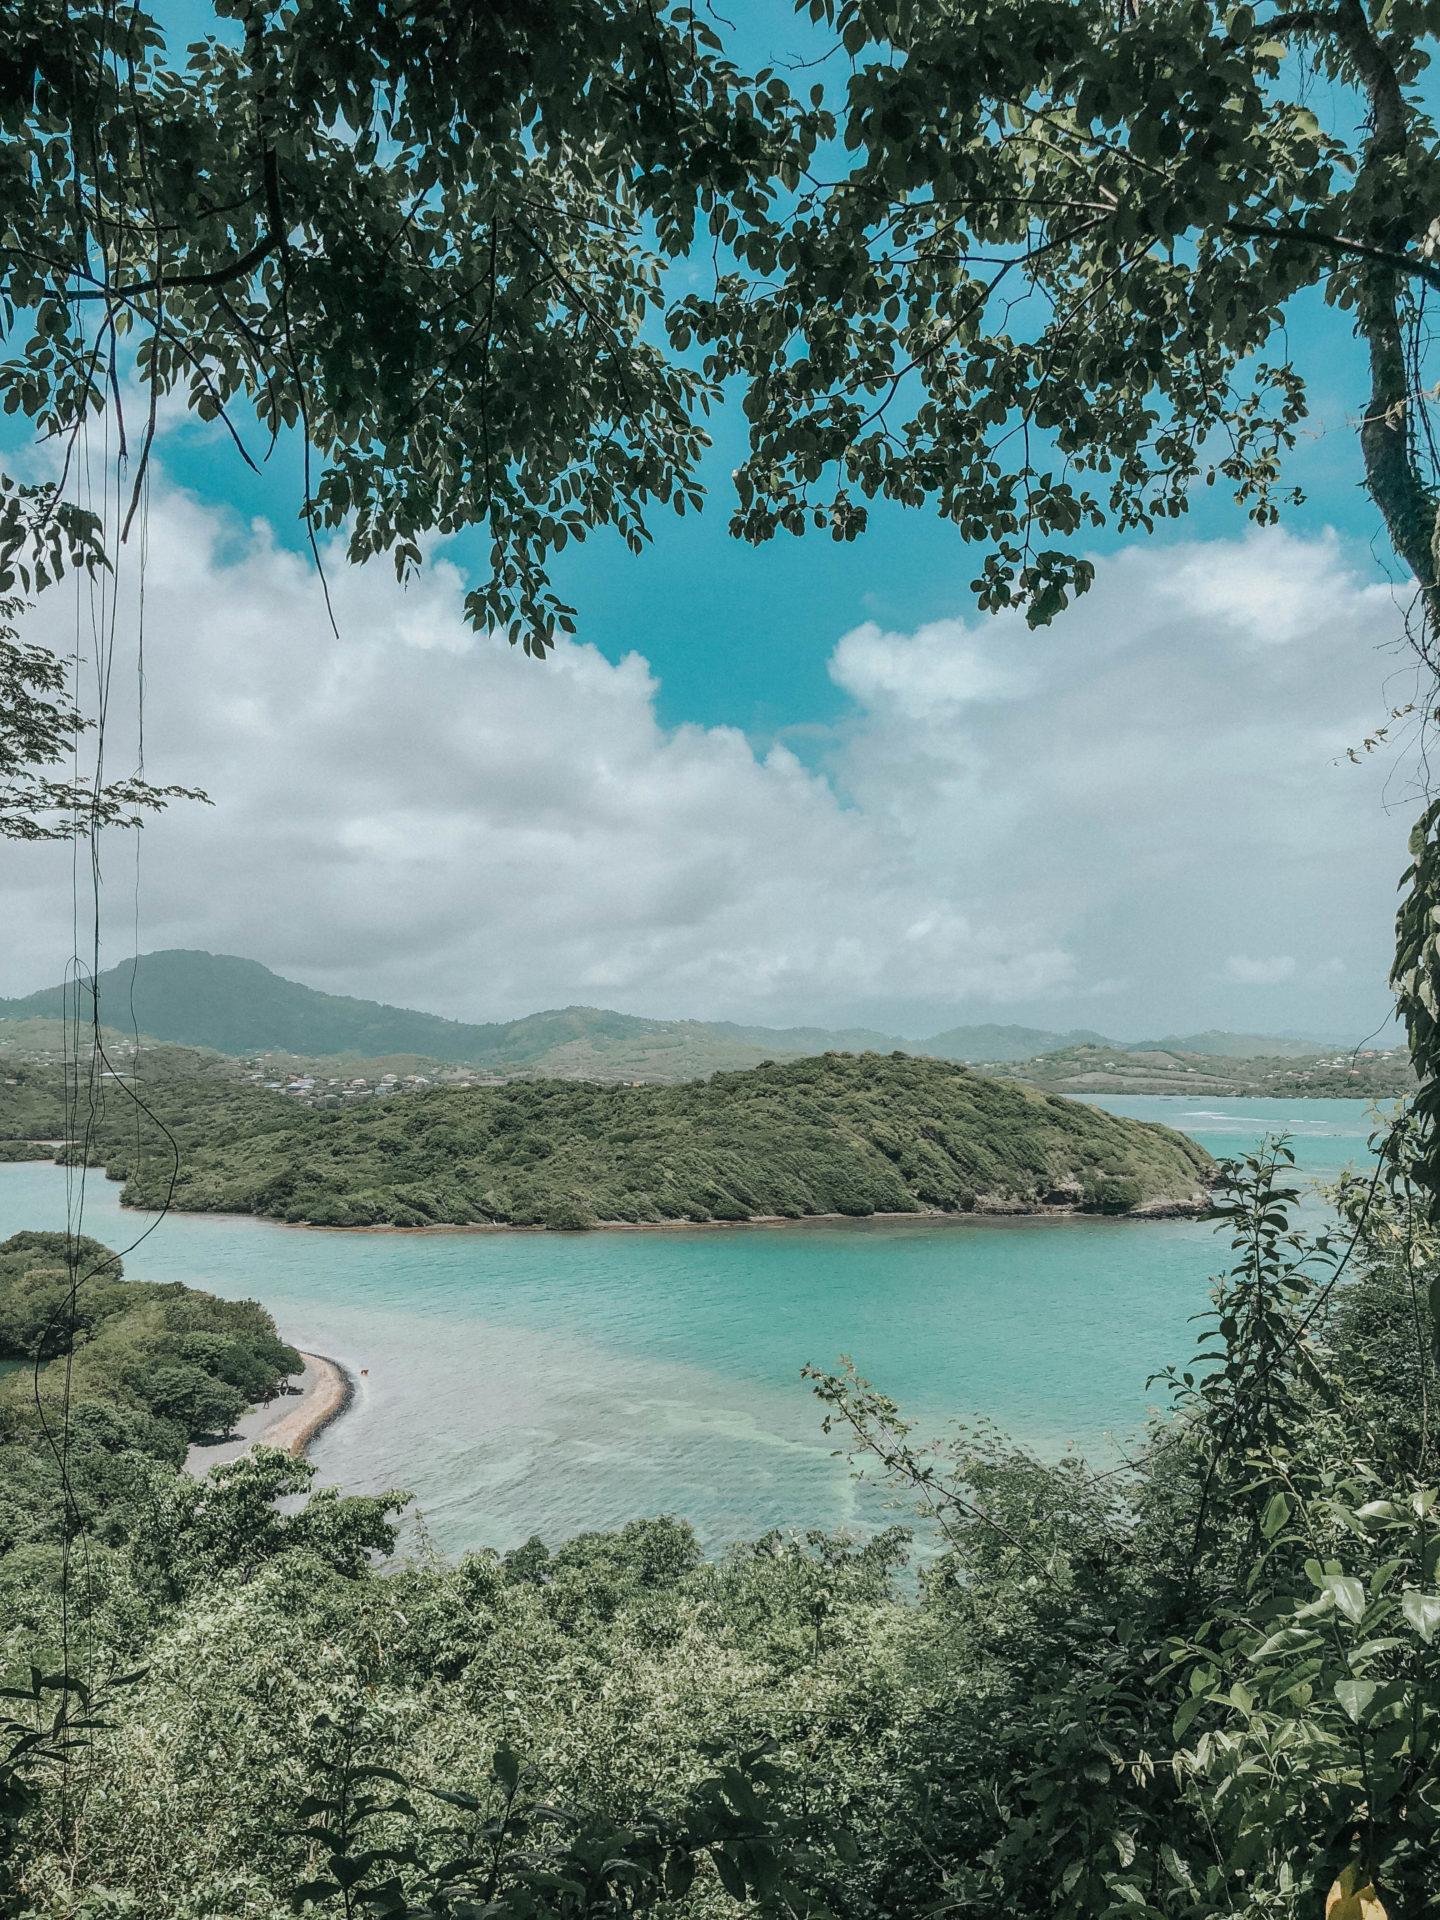 Visiter la Martinique - Blondie Baby blog mode Paris et voyages